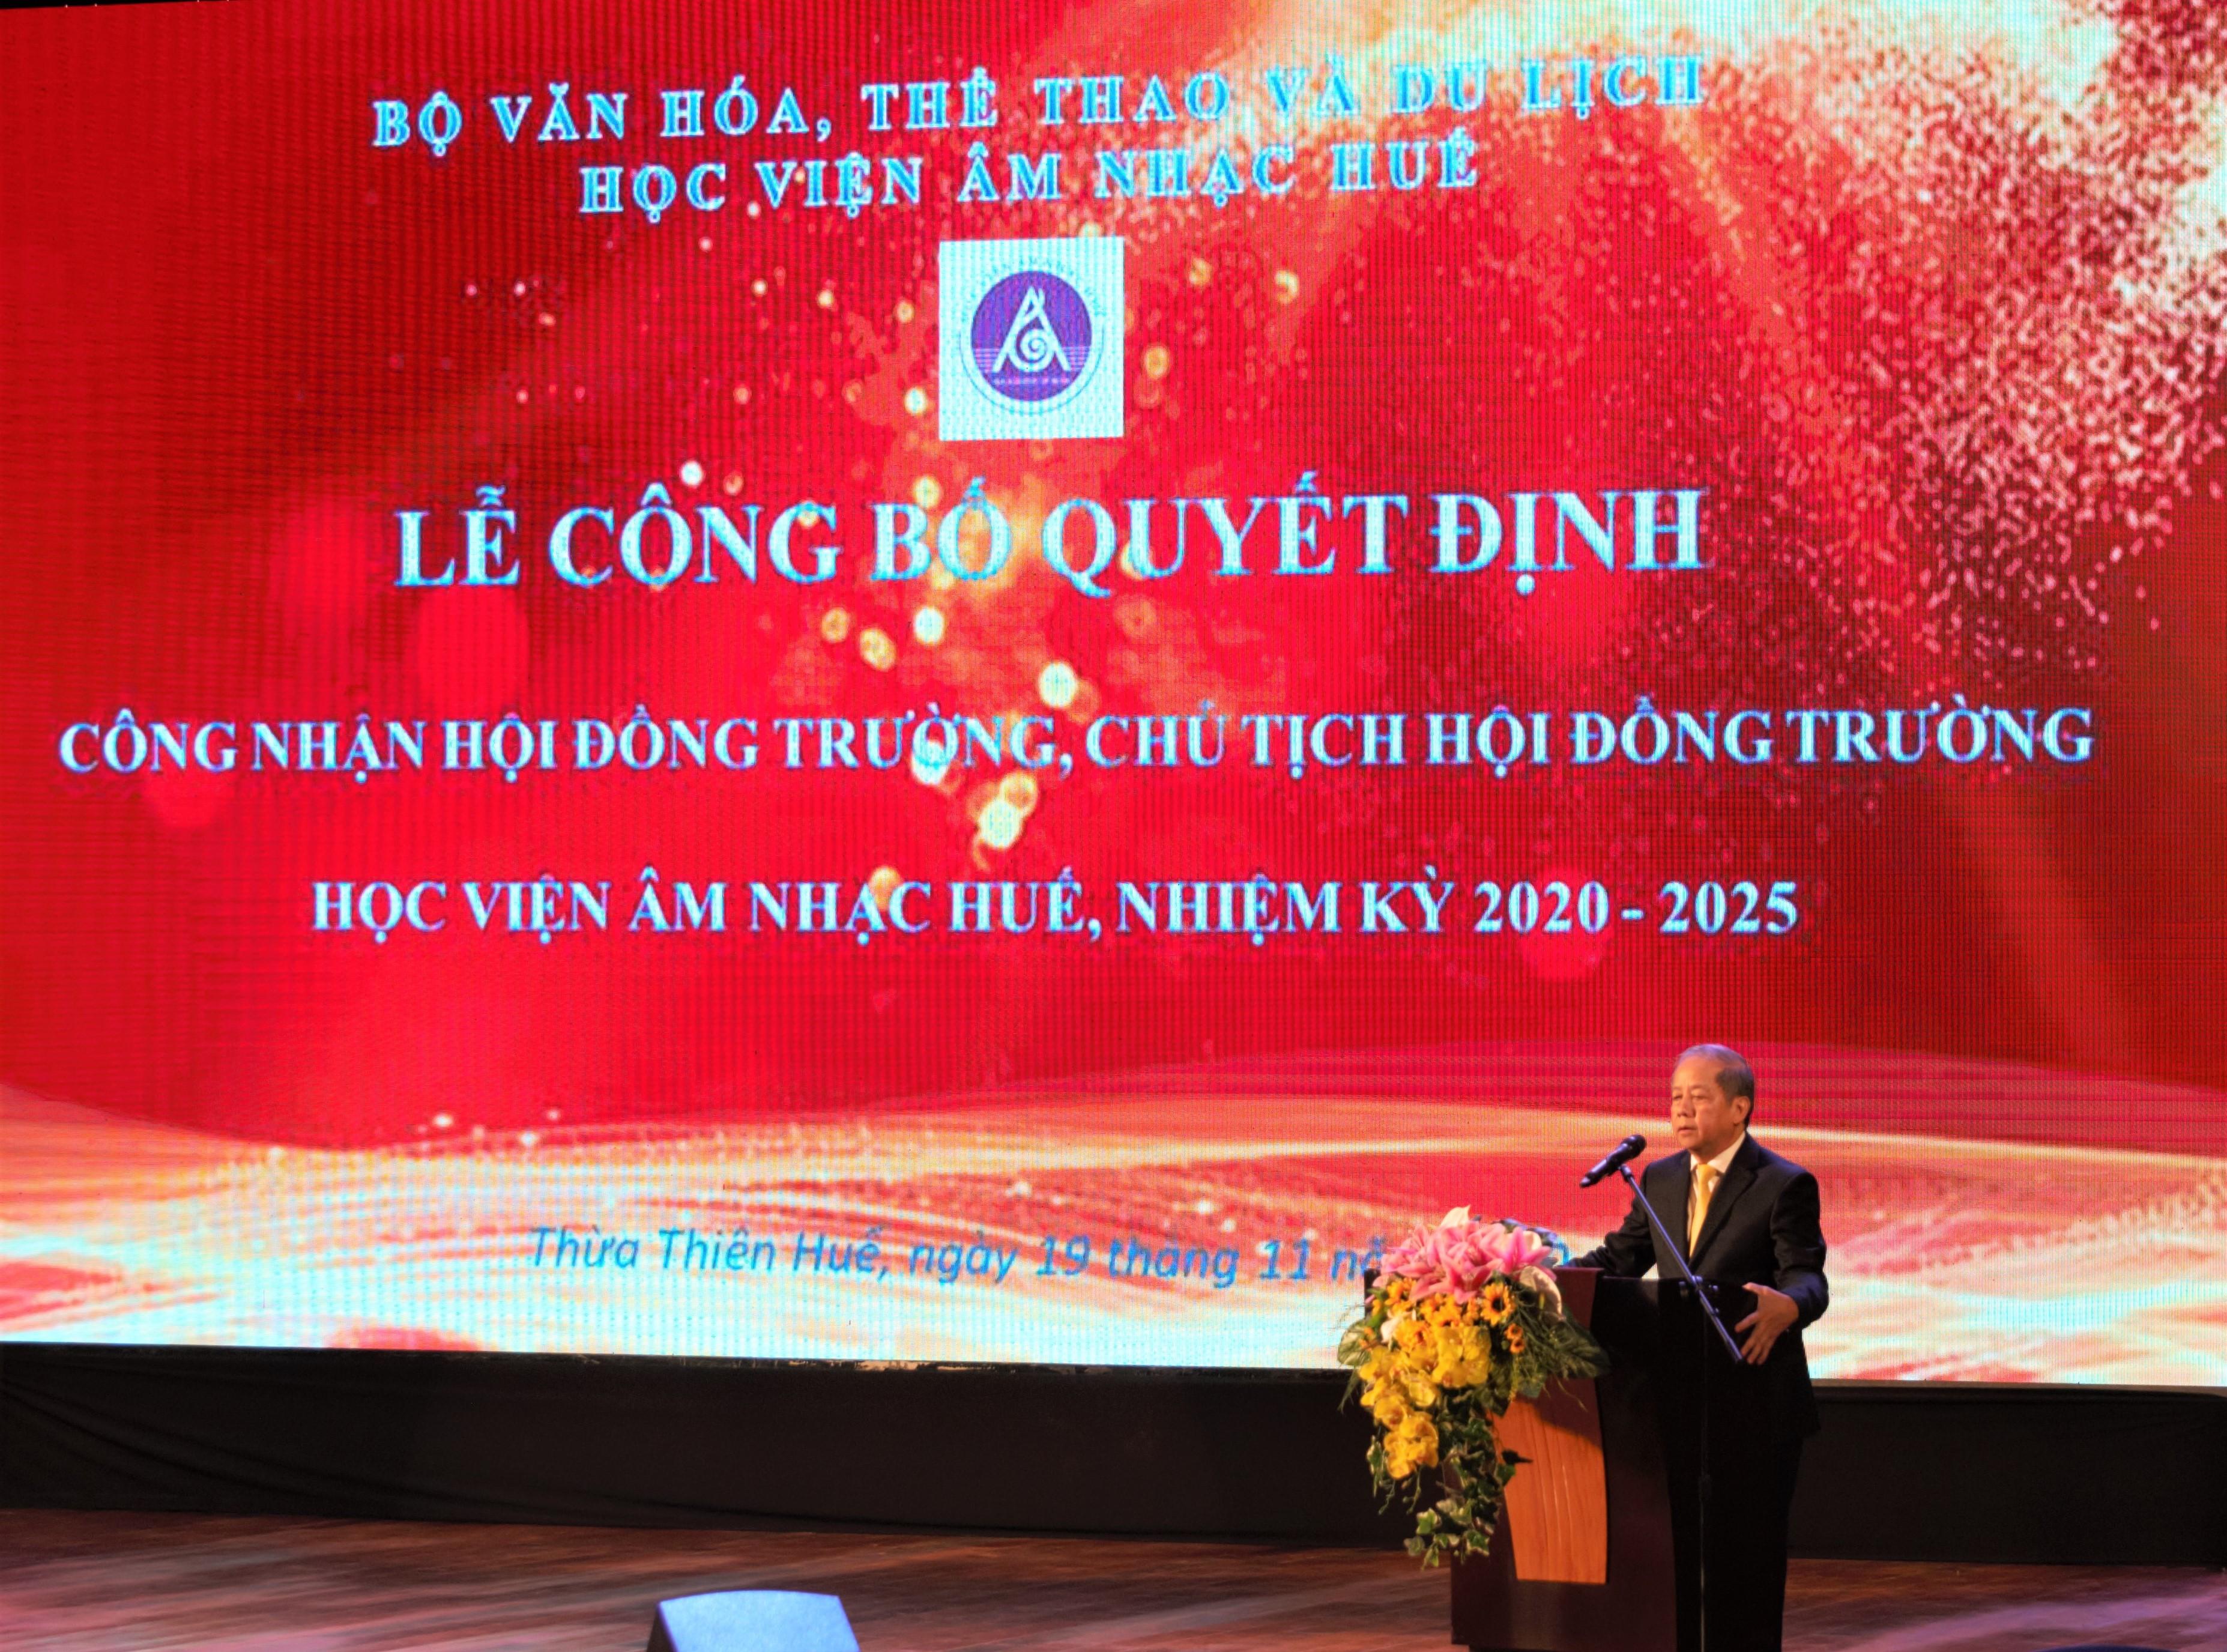 Chủ tịch UBND tỉnh Phan Ngọc Thọ phát biểu tại Lễ công bố quyết định thành lập Hội đồng trường